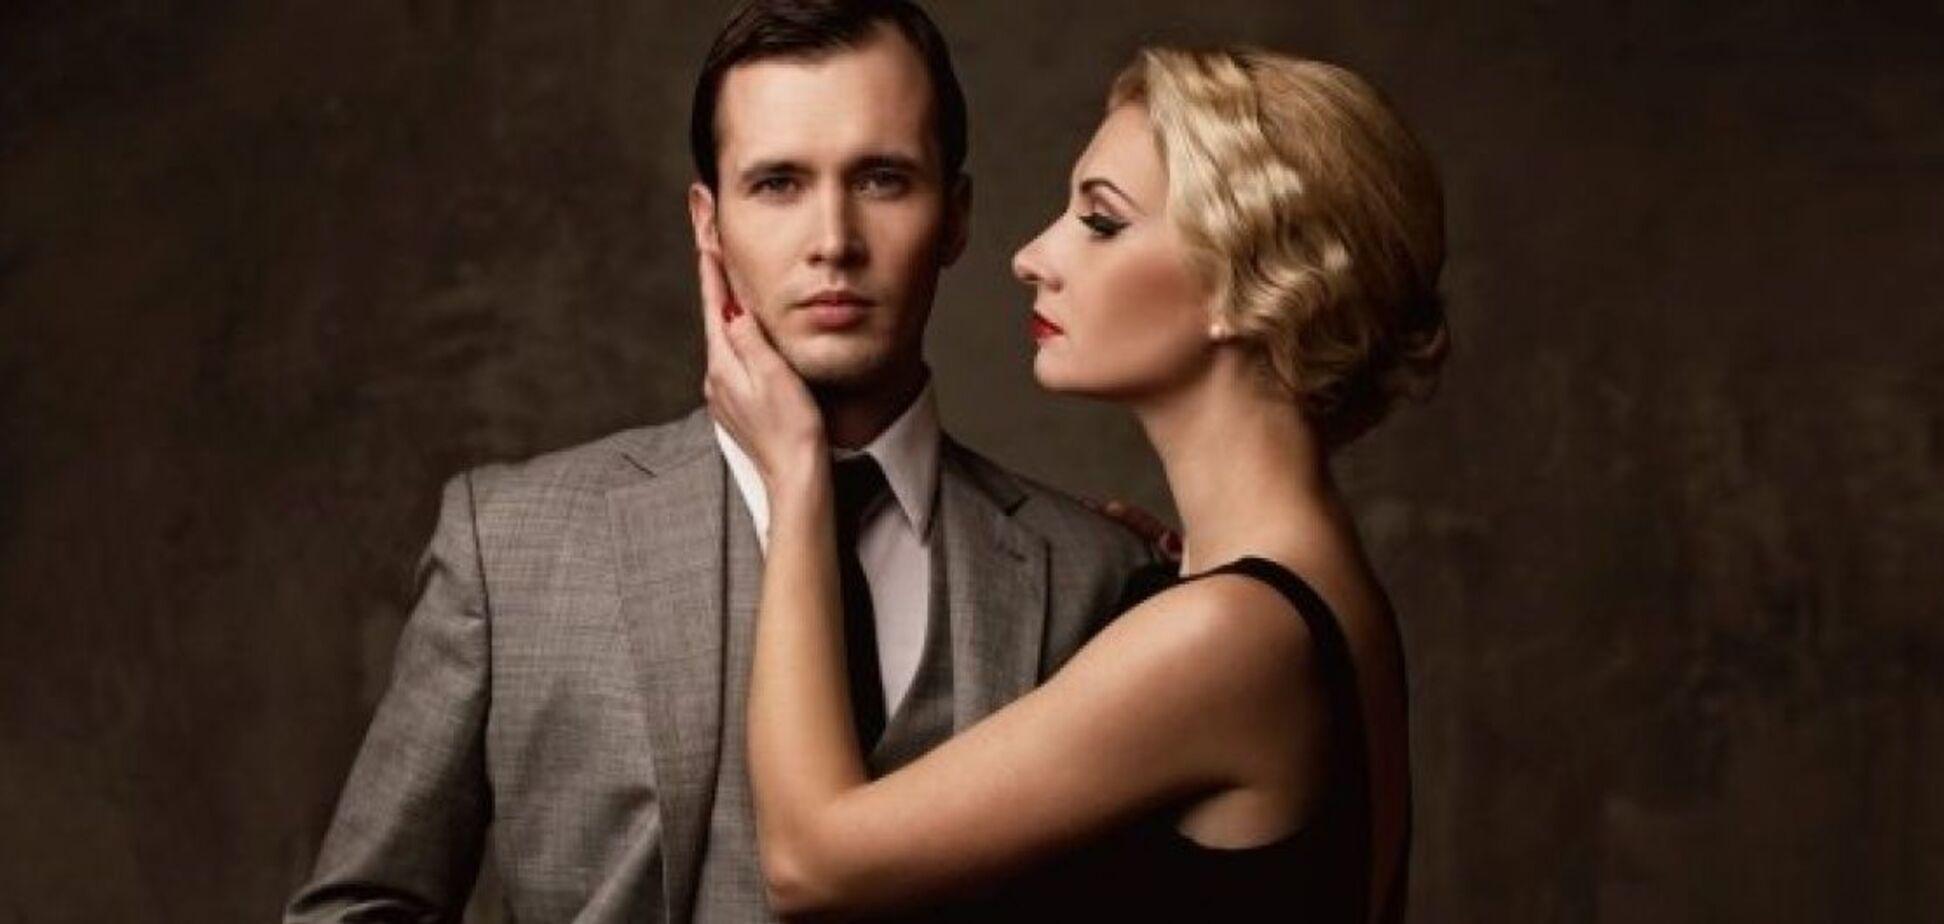 Женский шланг: как отвечать на претензии мужчины